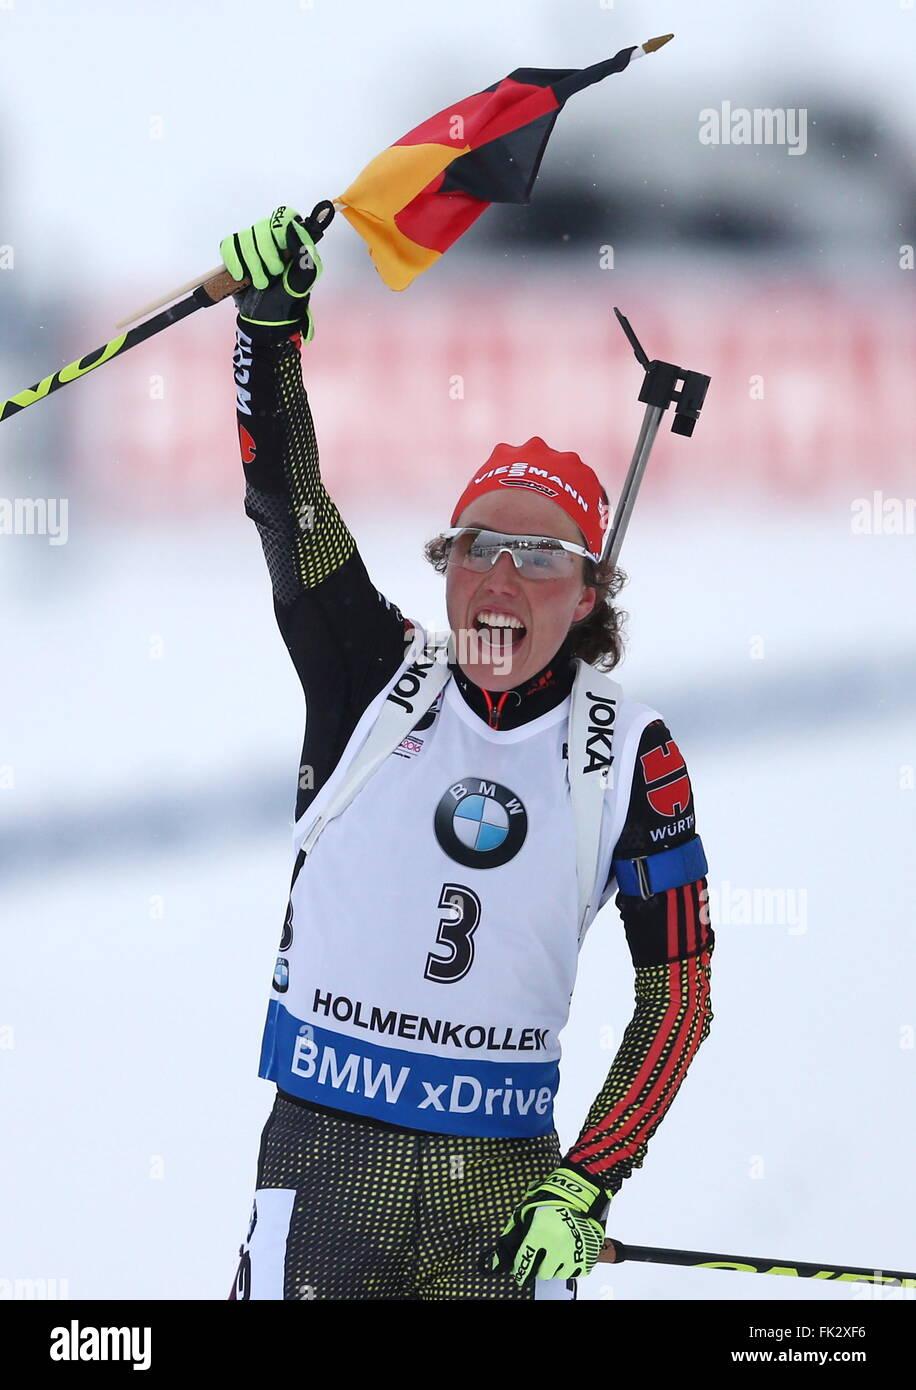 OSLO, NORWEGEN. 6. MÄRZ 2016. Biathlet Laura Dahlmeier Deutschlands reagiert, wie er die Frauen 10 km Verfolgungsrennen Stockbild